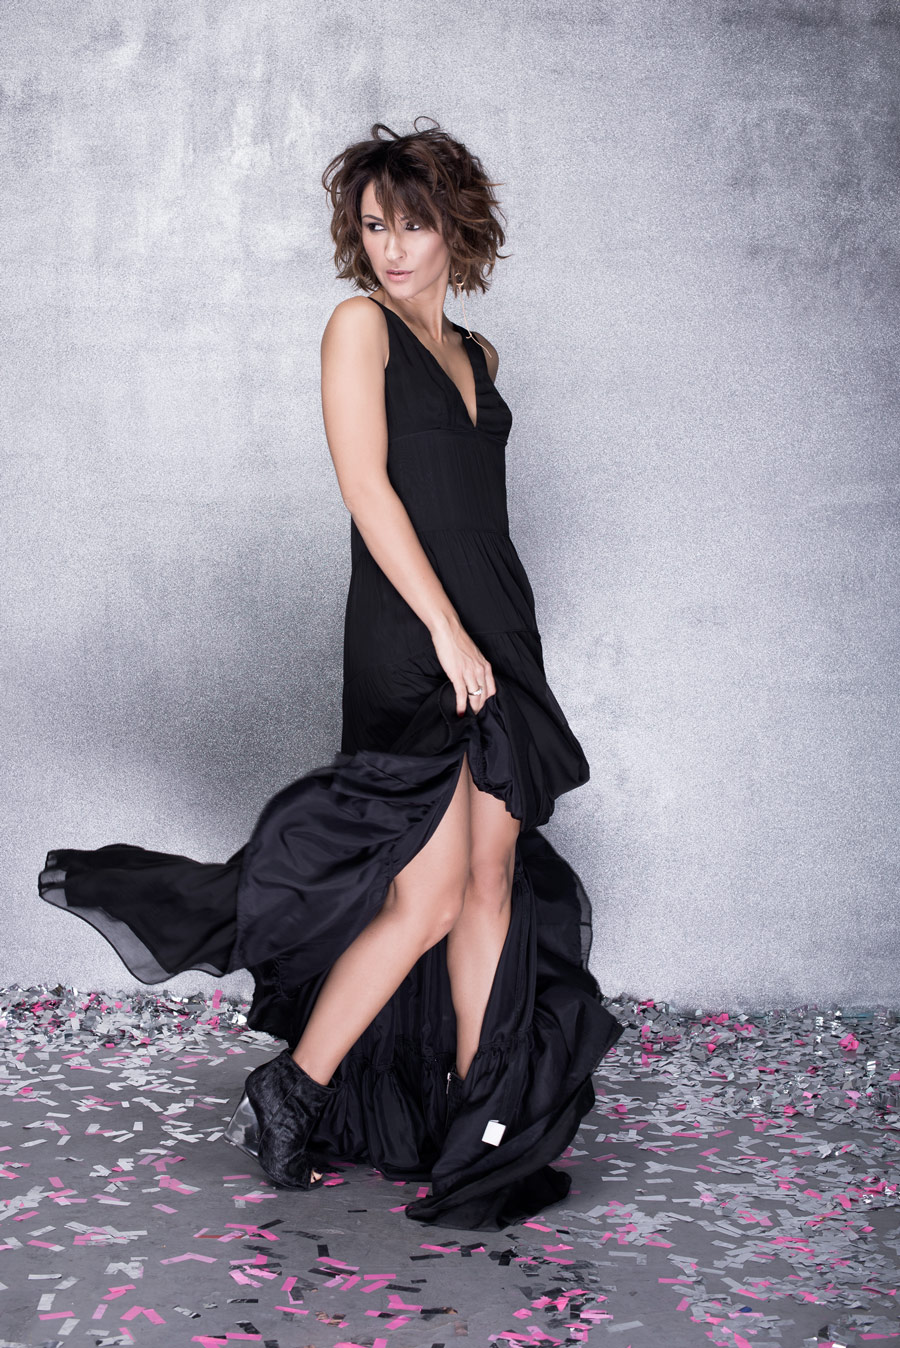 guerlain campaign, Guerlain ad, Guerlain La Petite Robe Noir,